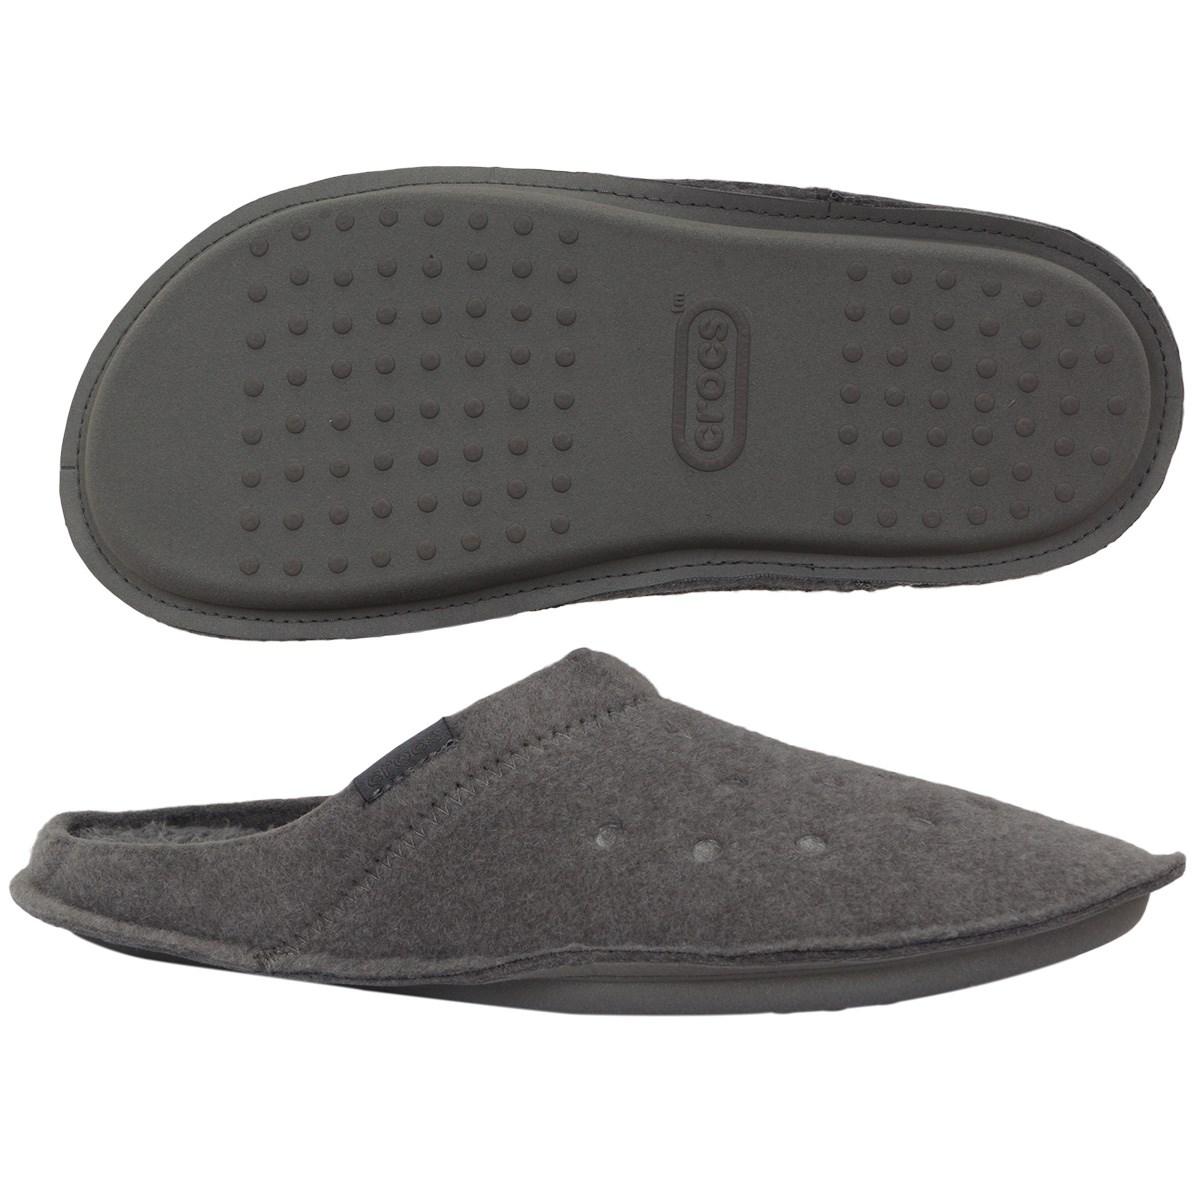 クロックス crocs クラシック スリッパ 28cm チャコール/チャコール